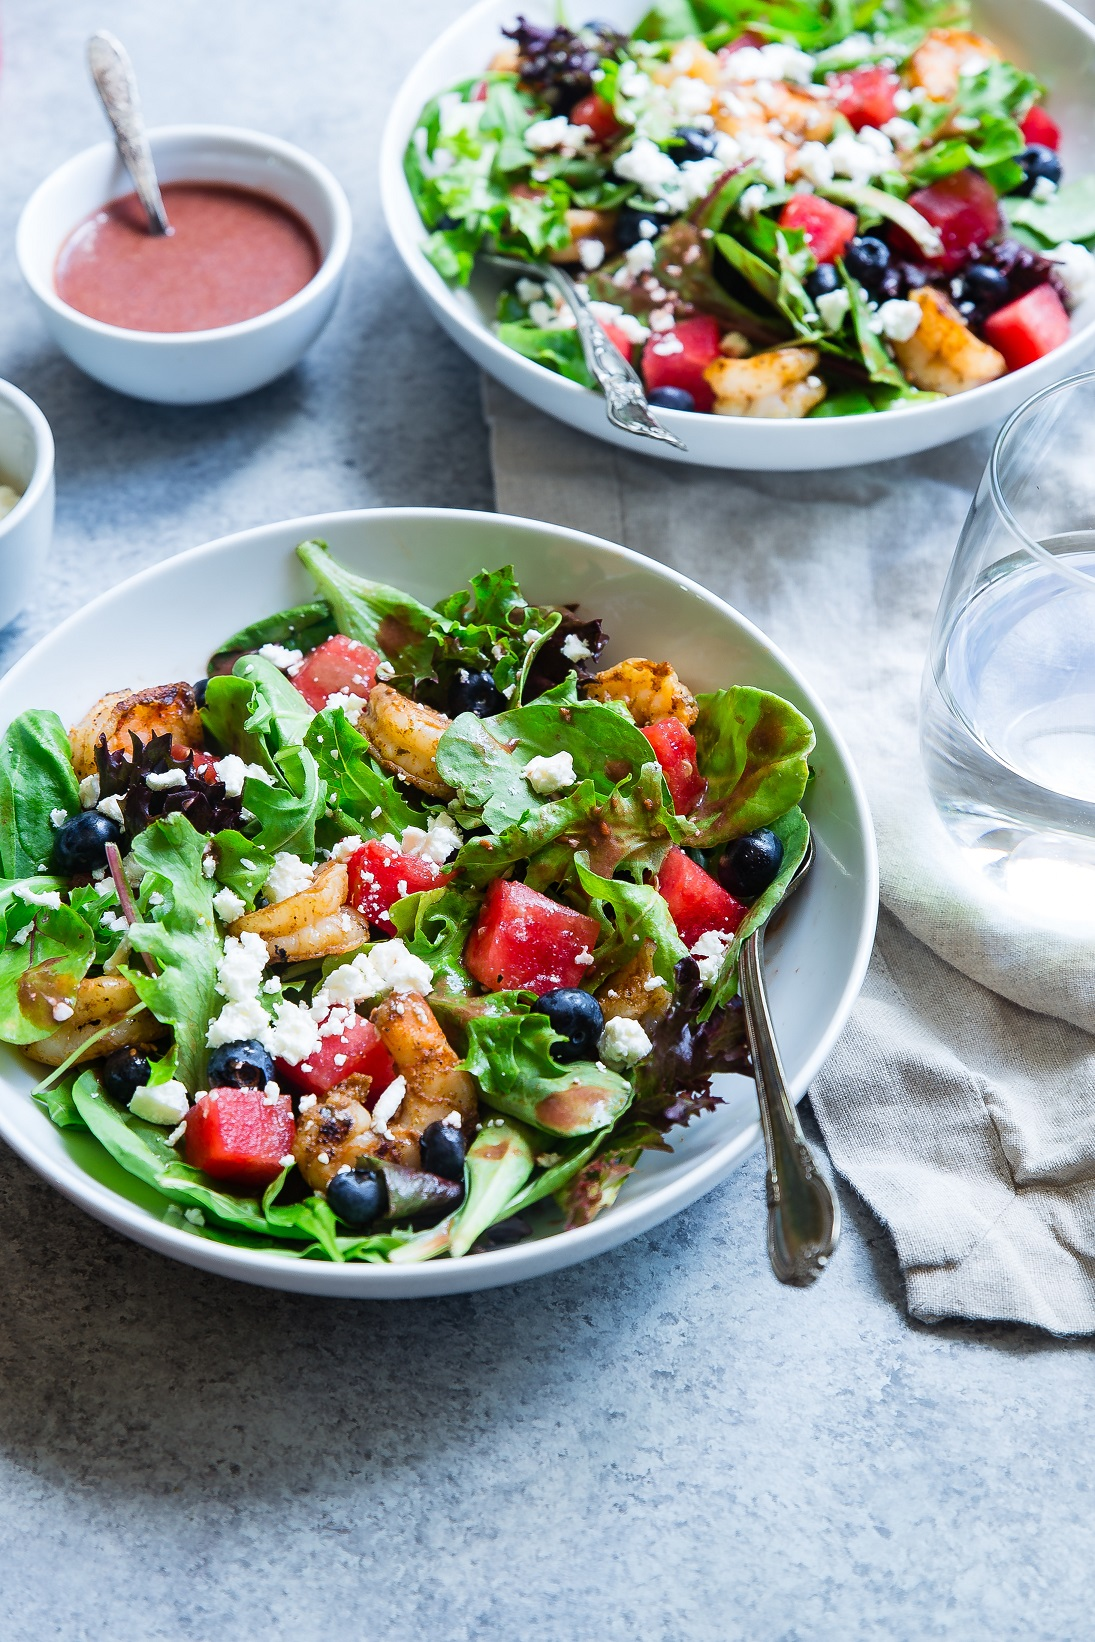 Dobrze zbilansowany posiłek powinien być bogaty we wszystkie niezbędne składniki odżywcze